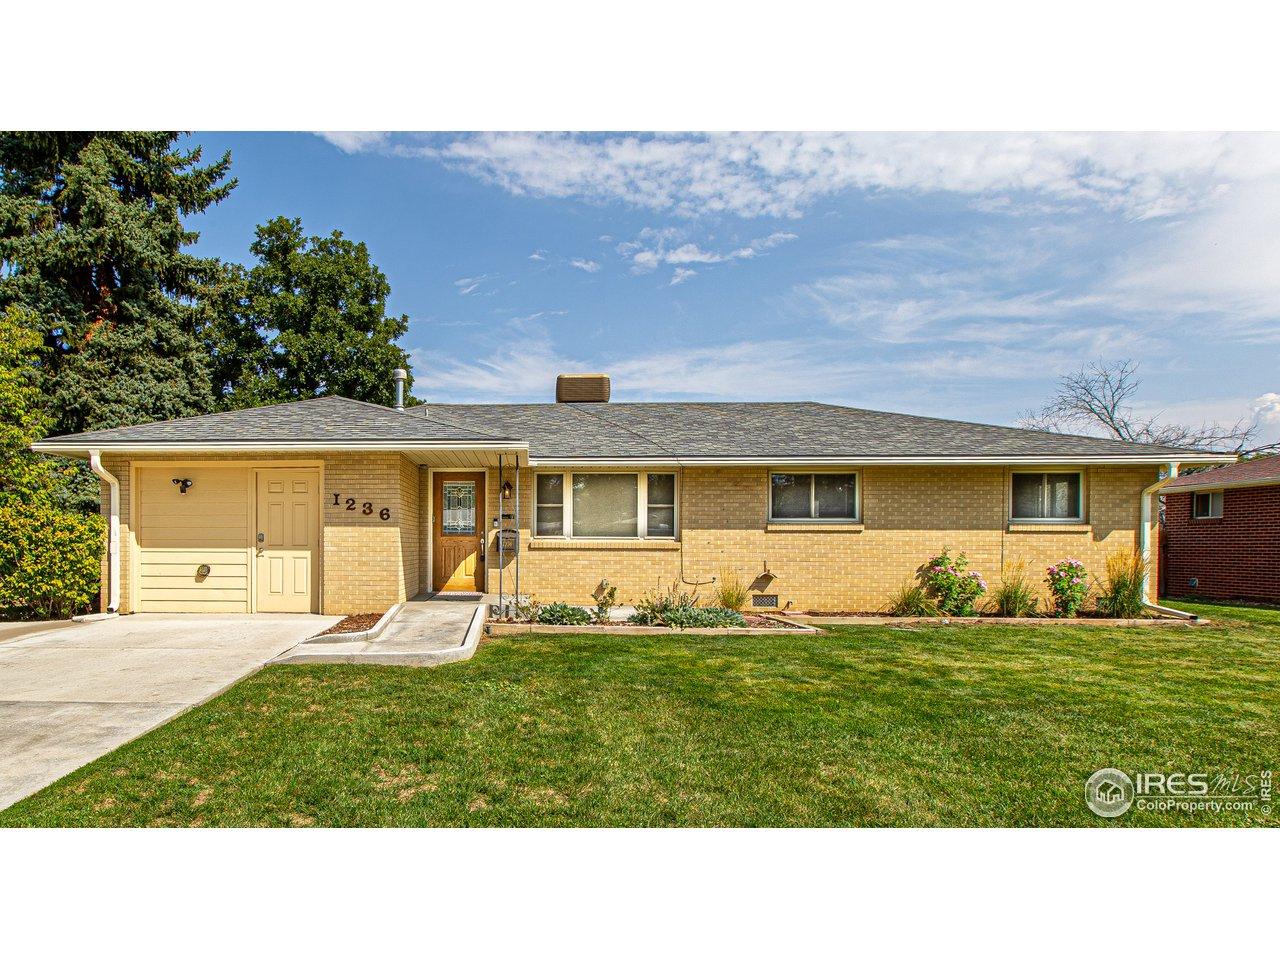 1236 Judson St, Longmont CO 80501